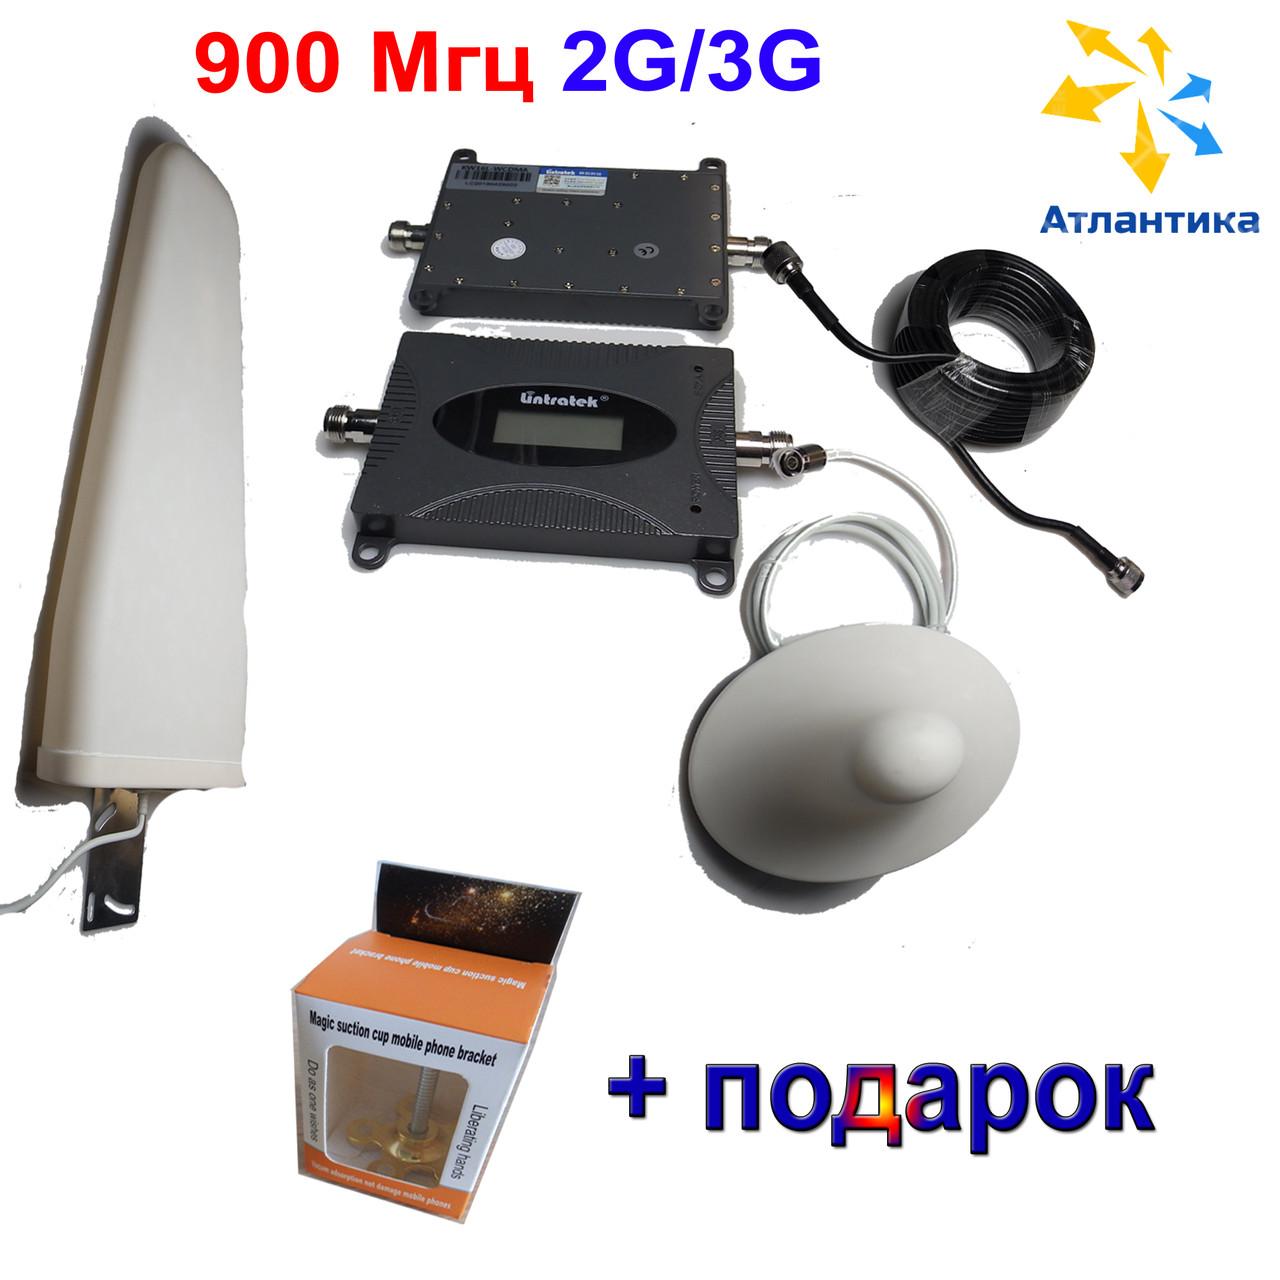 Усилитель мобильной связи Репитер, бустер ( Buster ) 2G GSM - 900  Мгц. Комплект для дома, офиса Lintratek